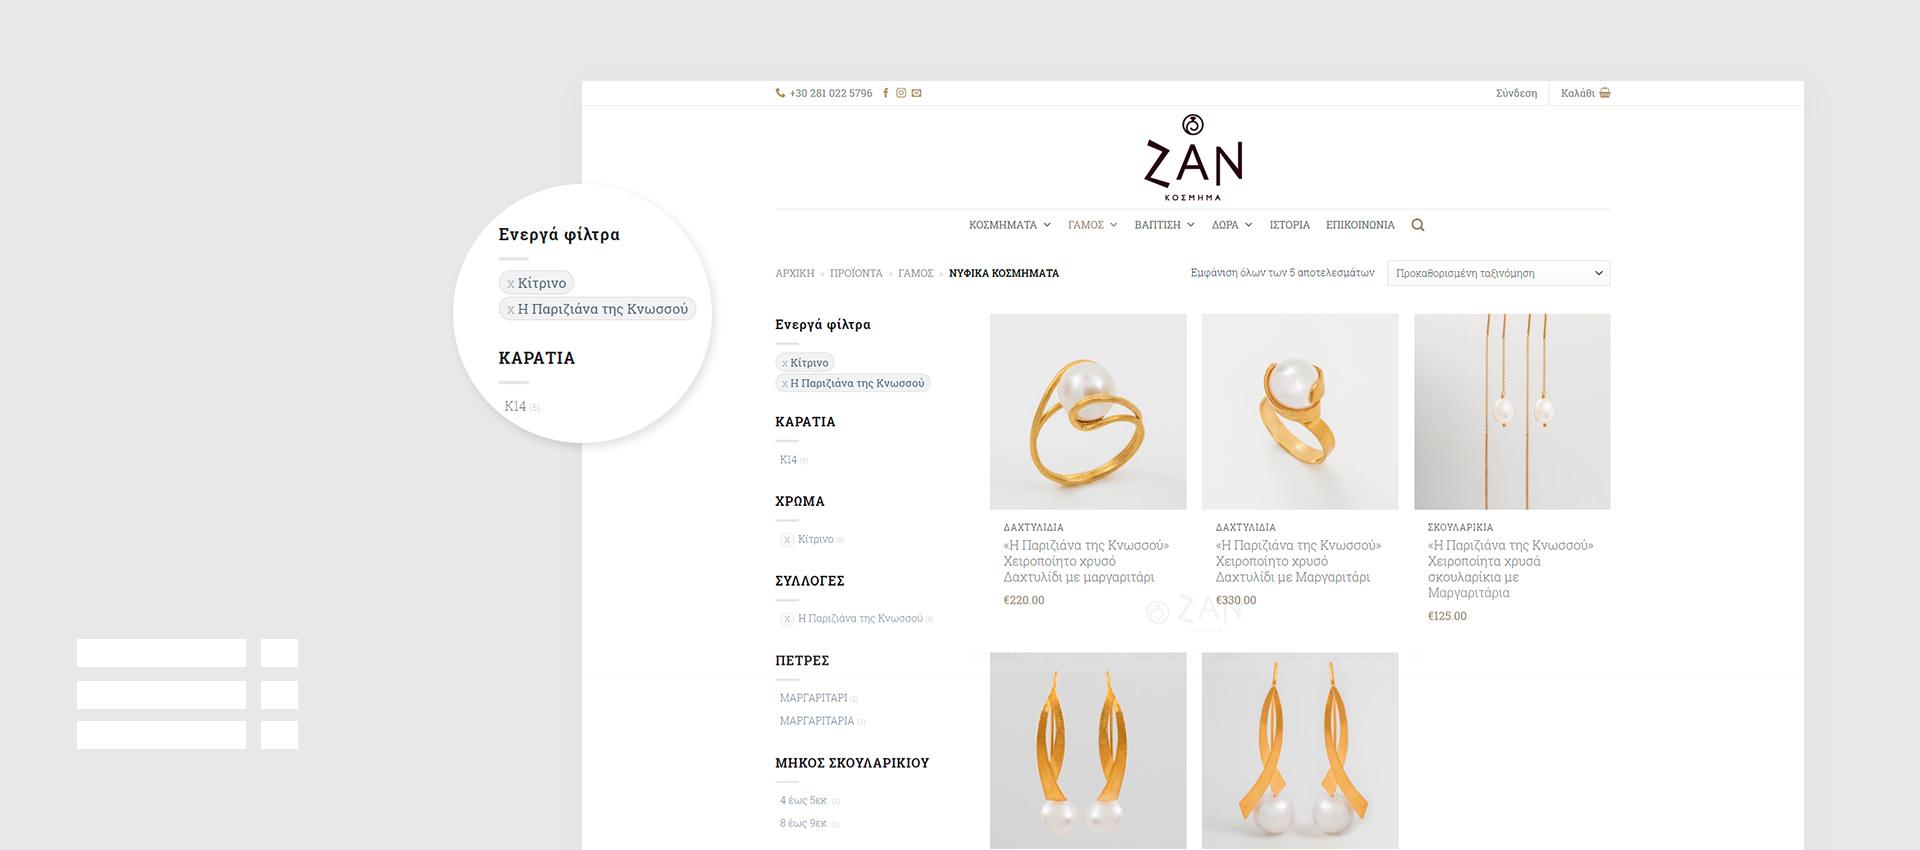 zan-filters